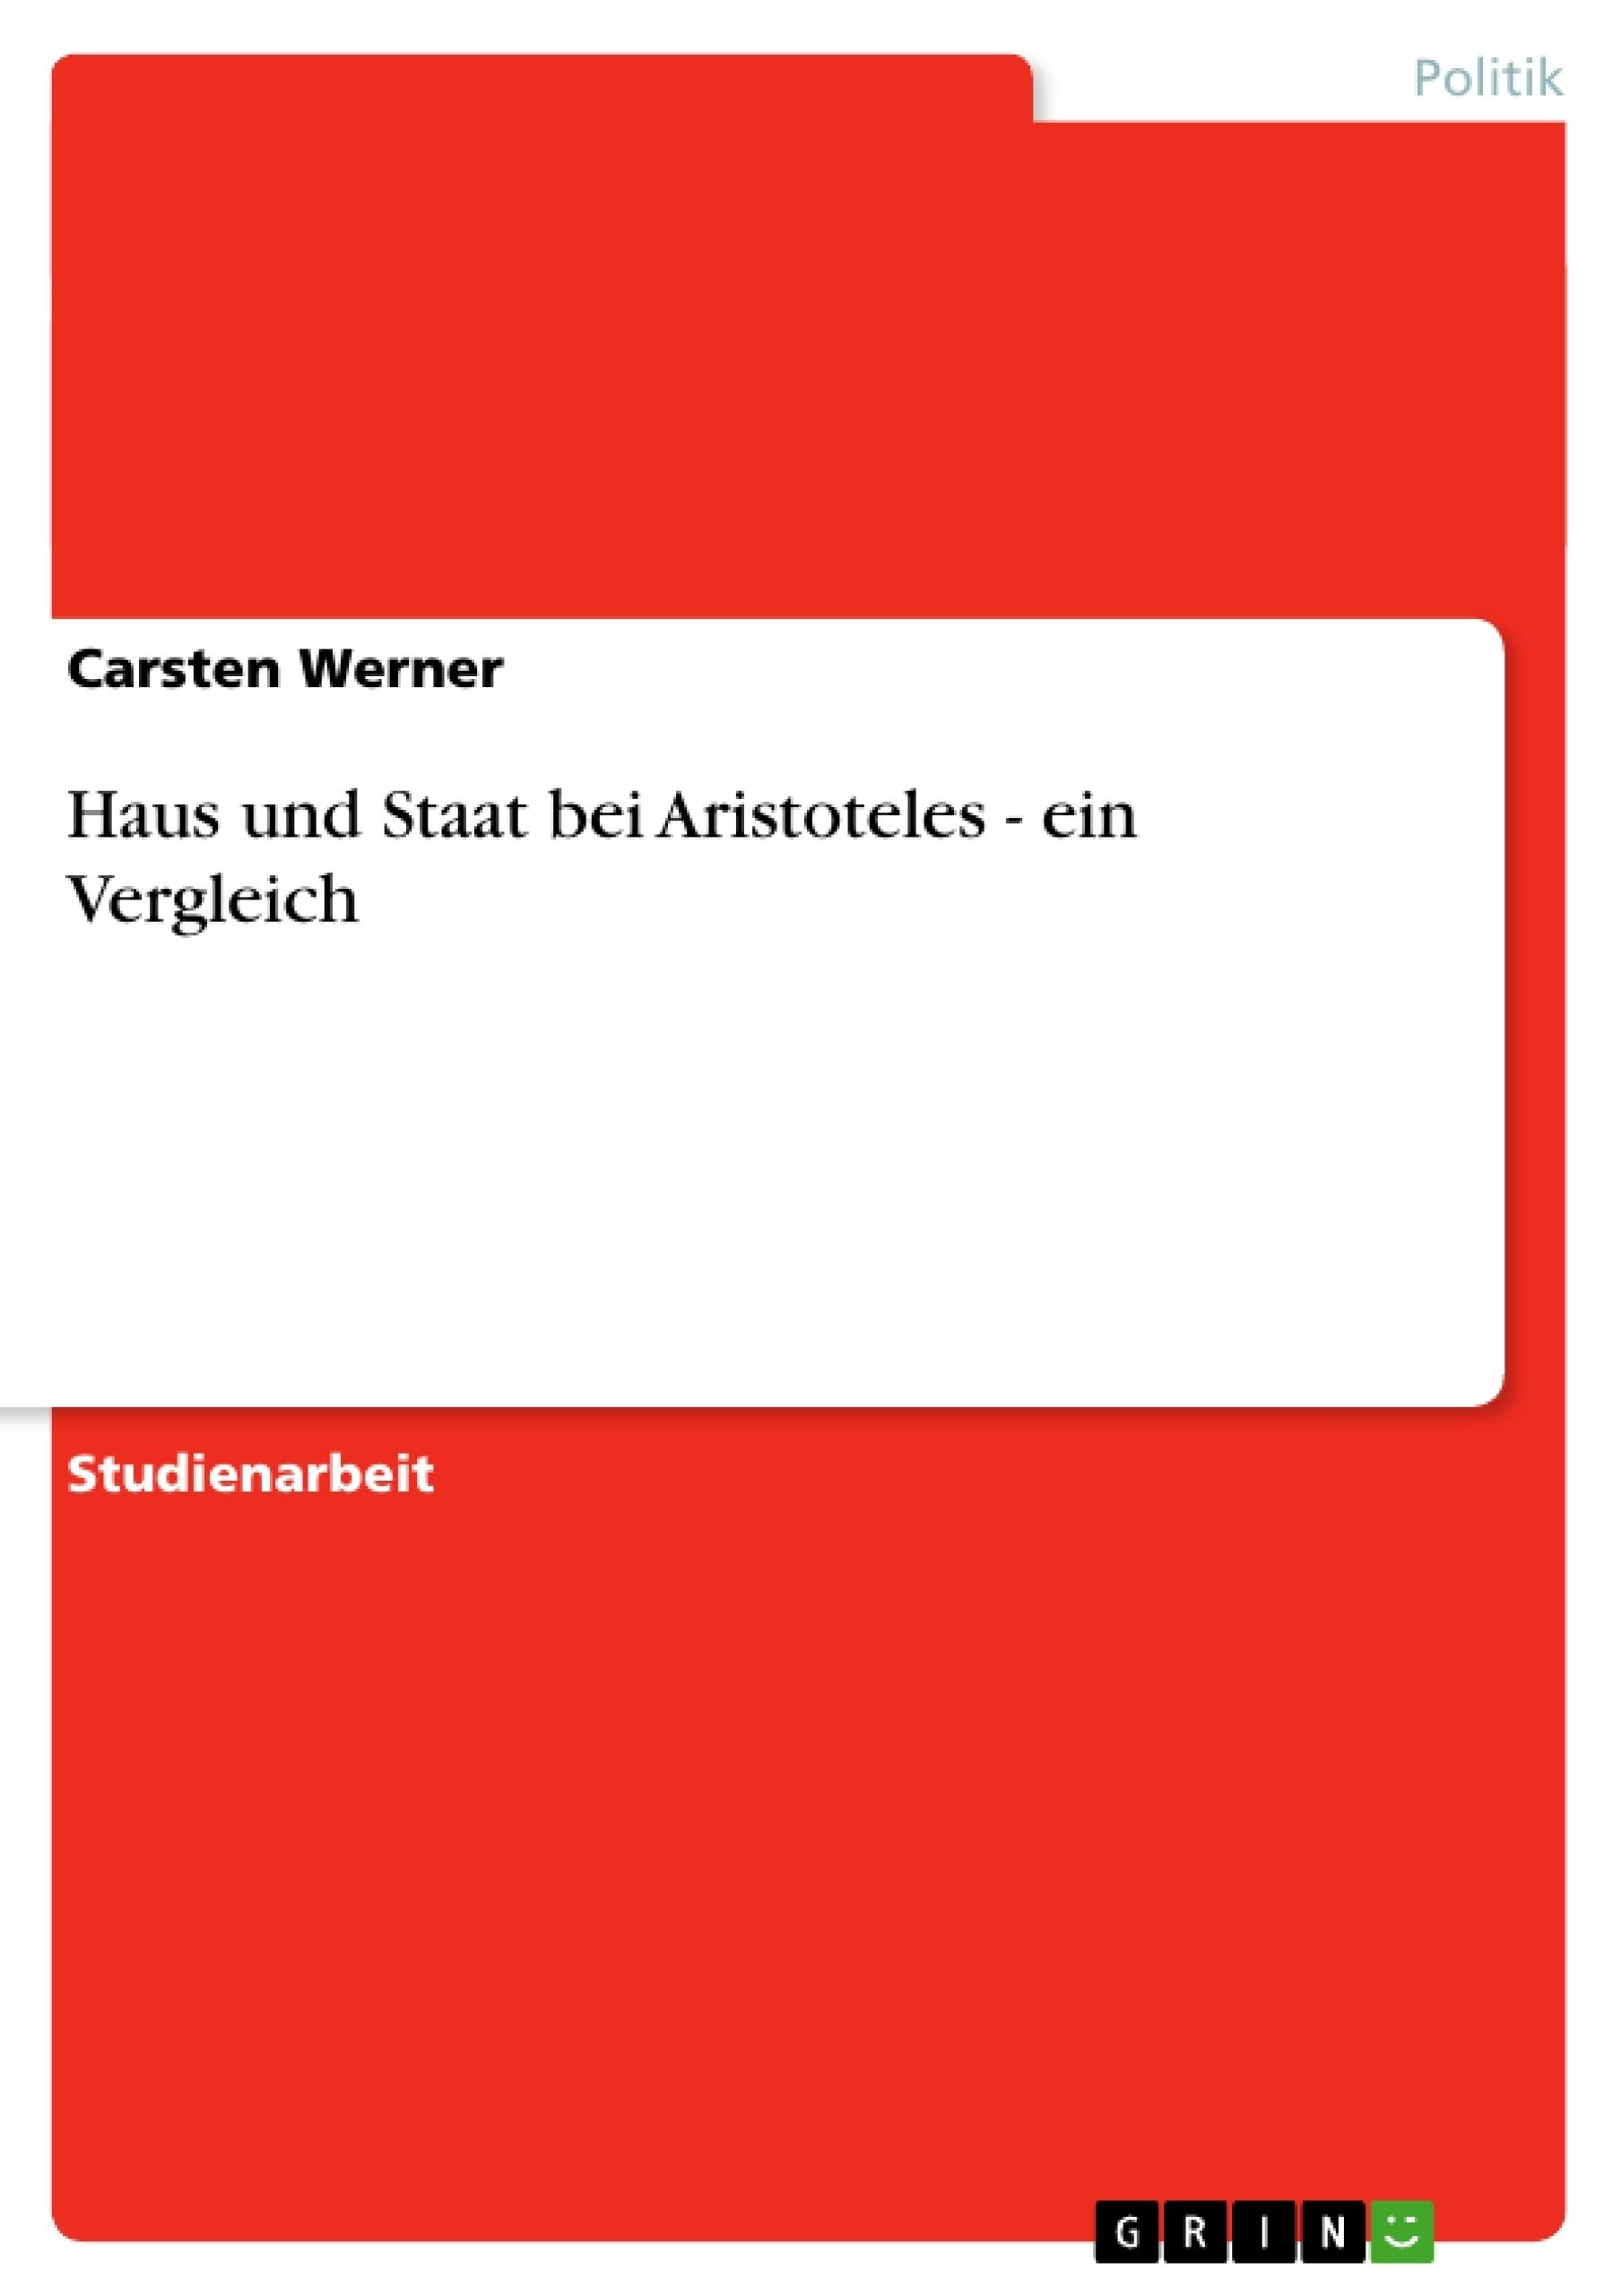 Titel: Haus und Staat bei Aristoteles - ein Vergleich